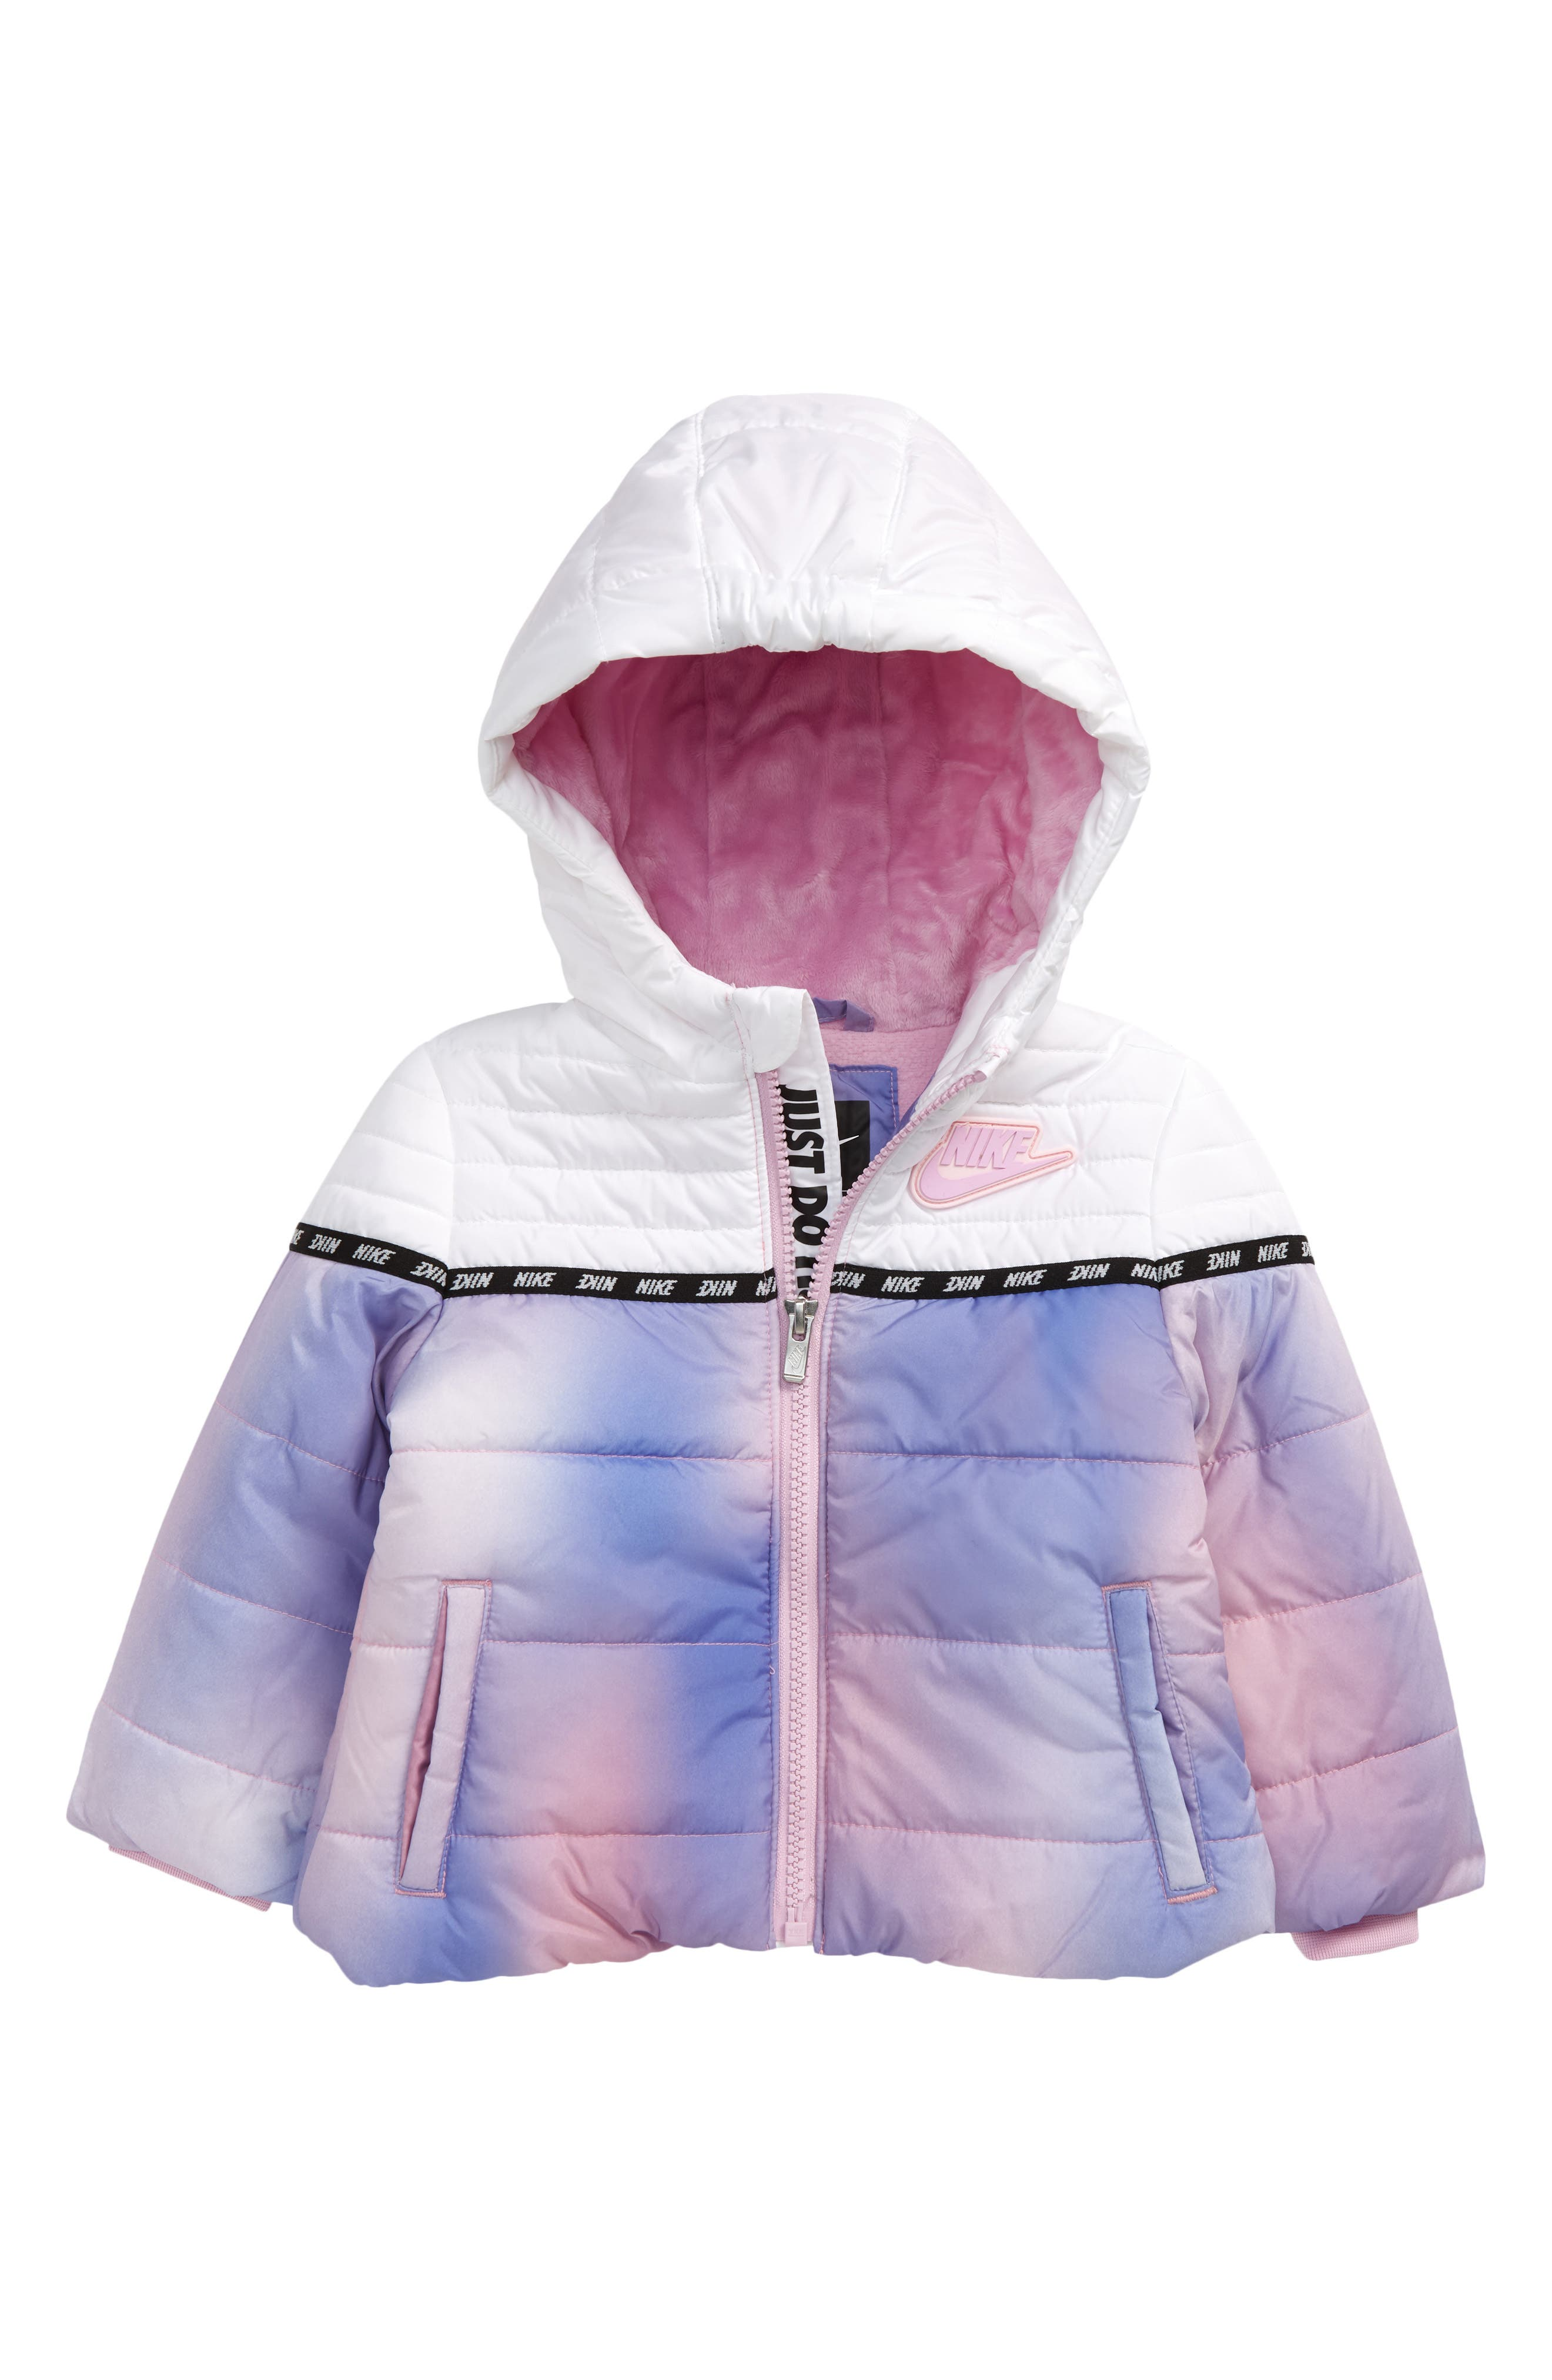 YiZYiF Kids Baby Girls Winter Hooded Trench Coat Wind Jacket Outerwear